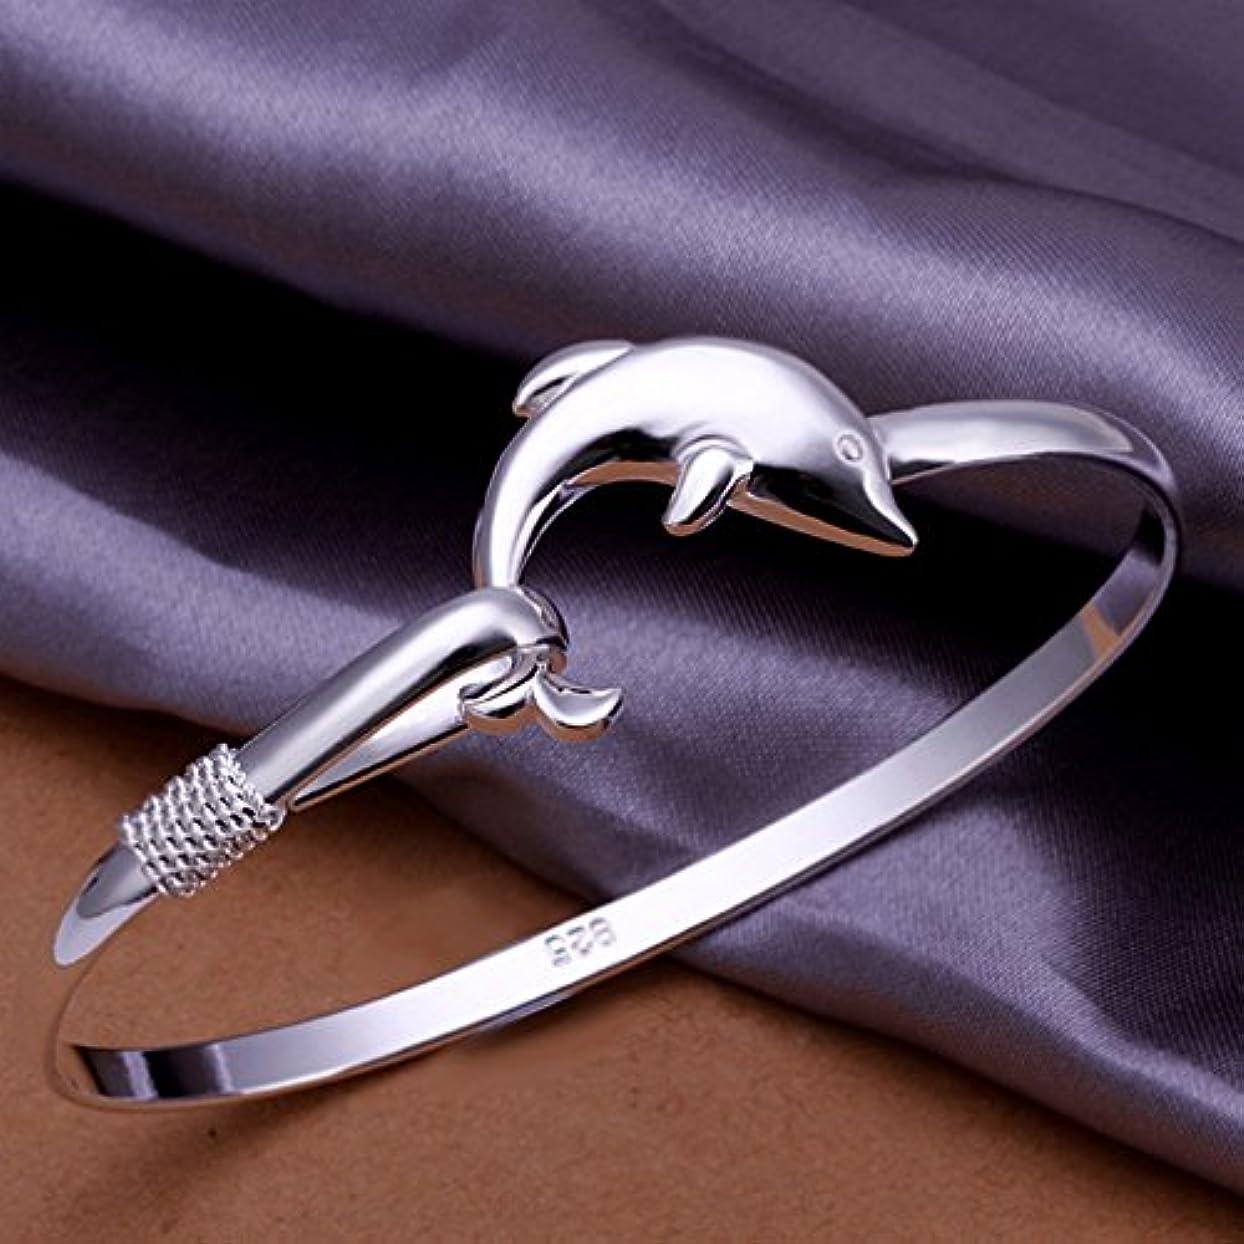 密近代化するまぶしさBEE&BLUE ブレスレット イルカ ファッション 綺麗 レディースアクセサリー